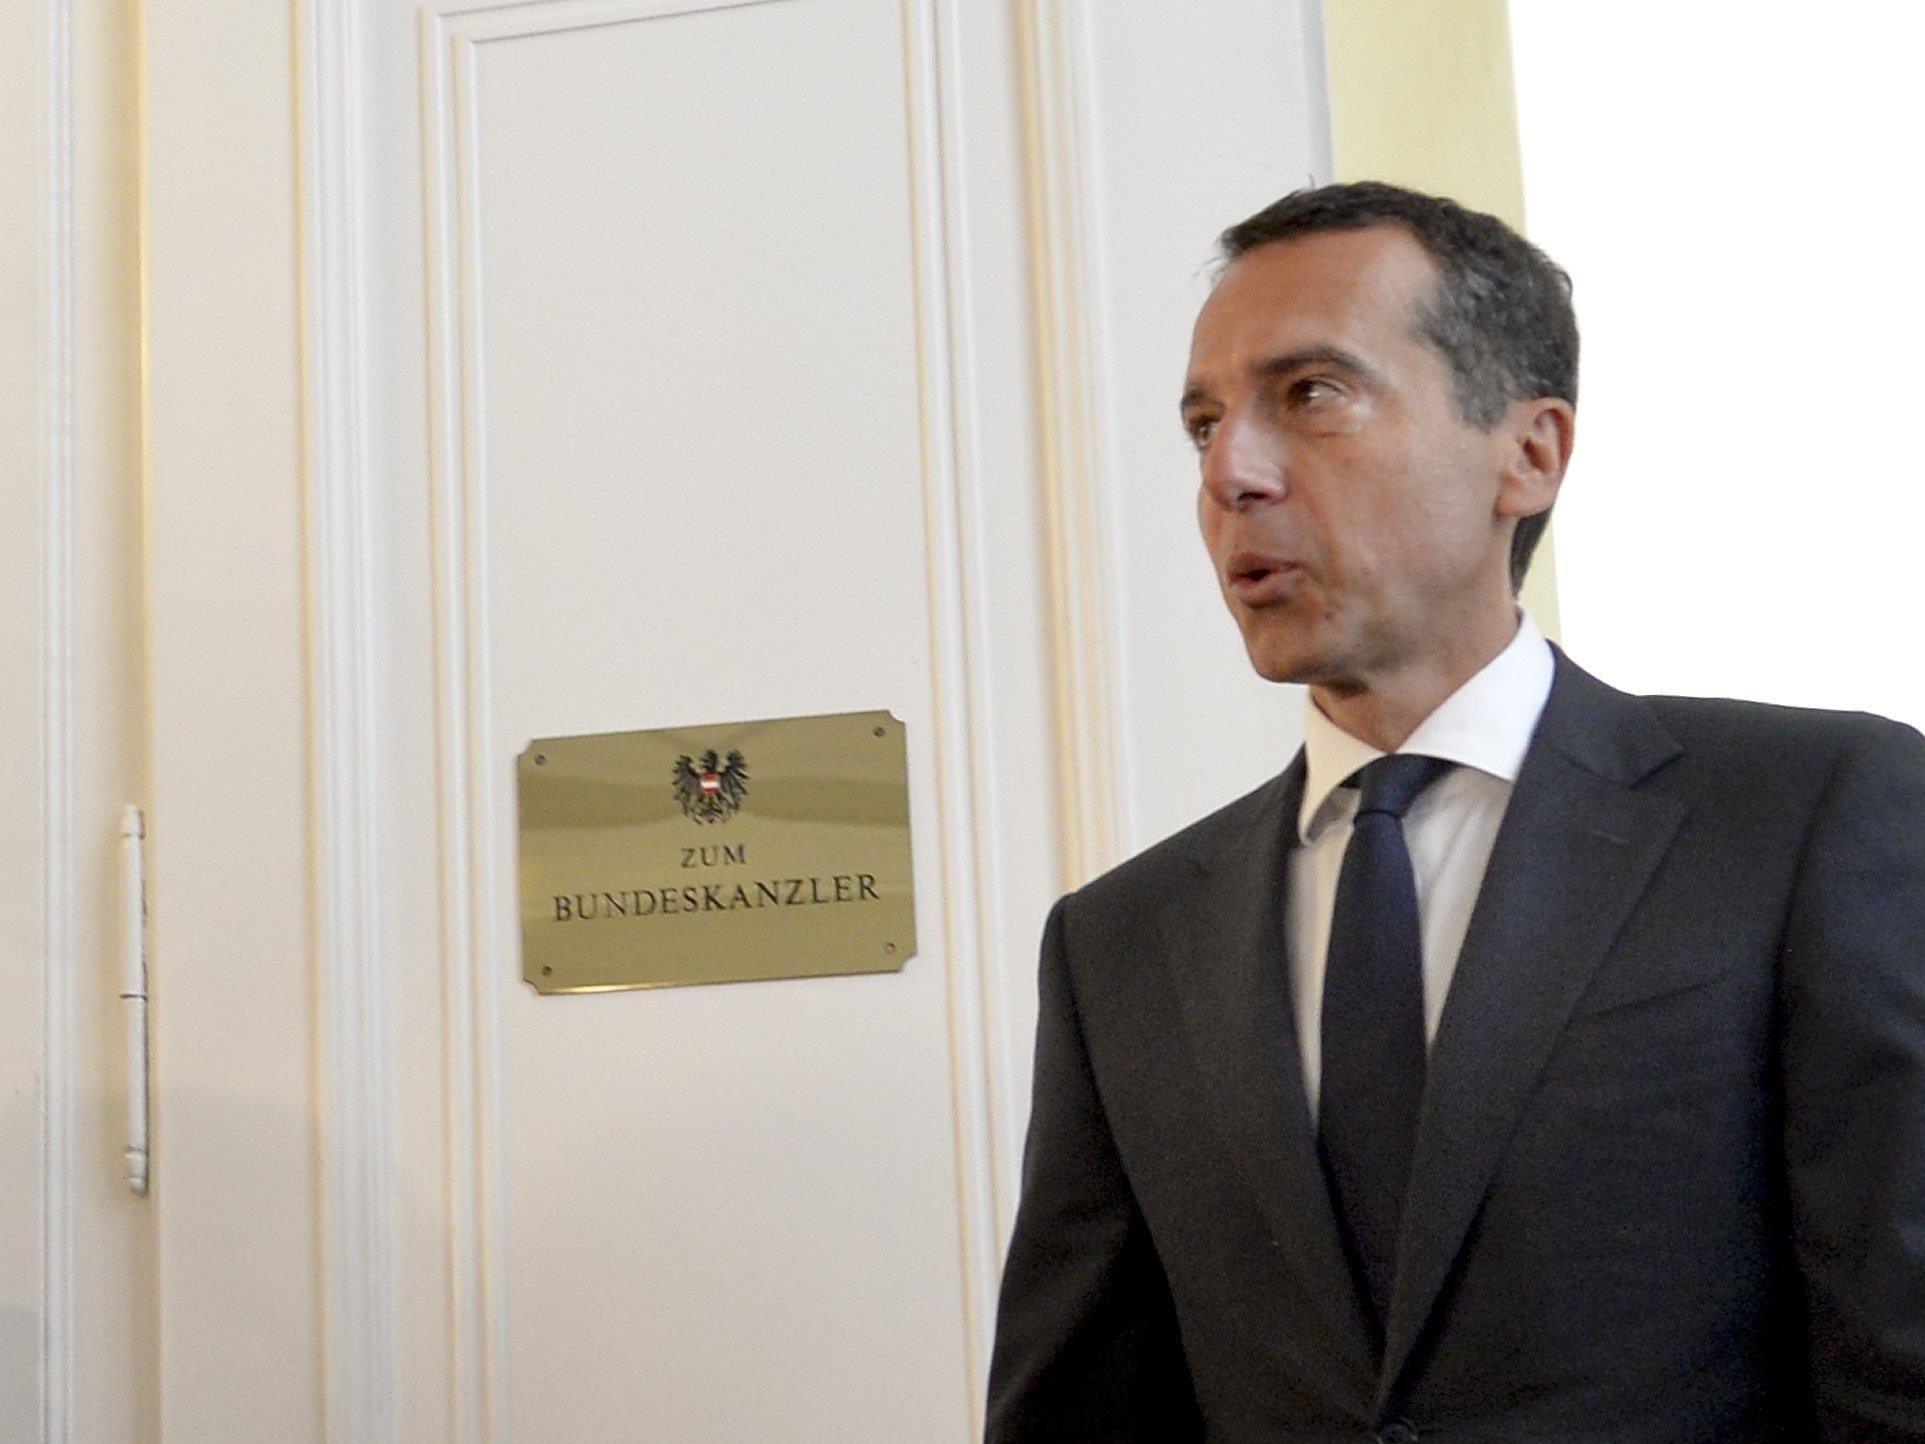 Christian Kern hat in einem Inteview die Politik der FPÖ deutlich kritisiert.